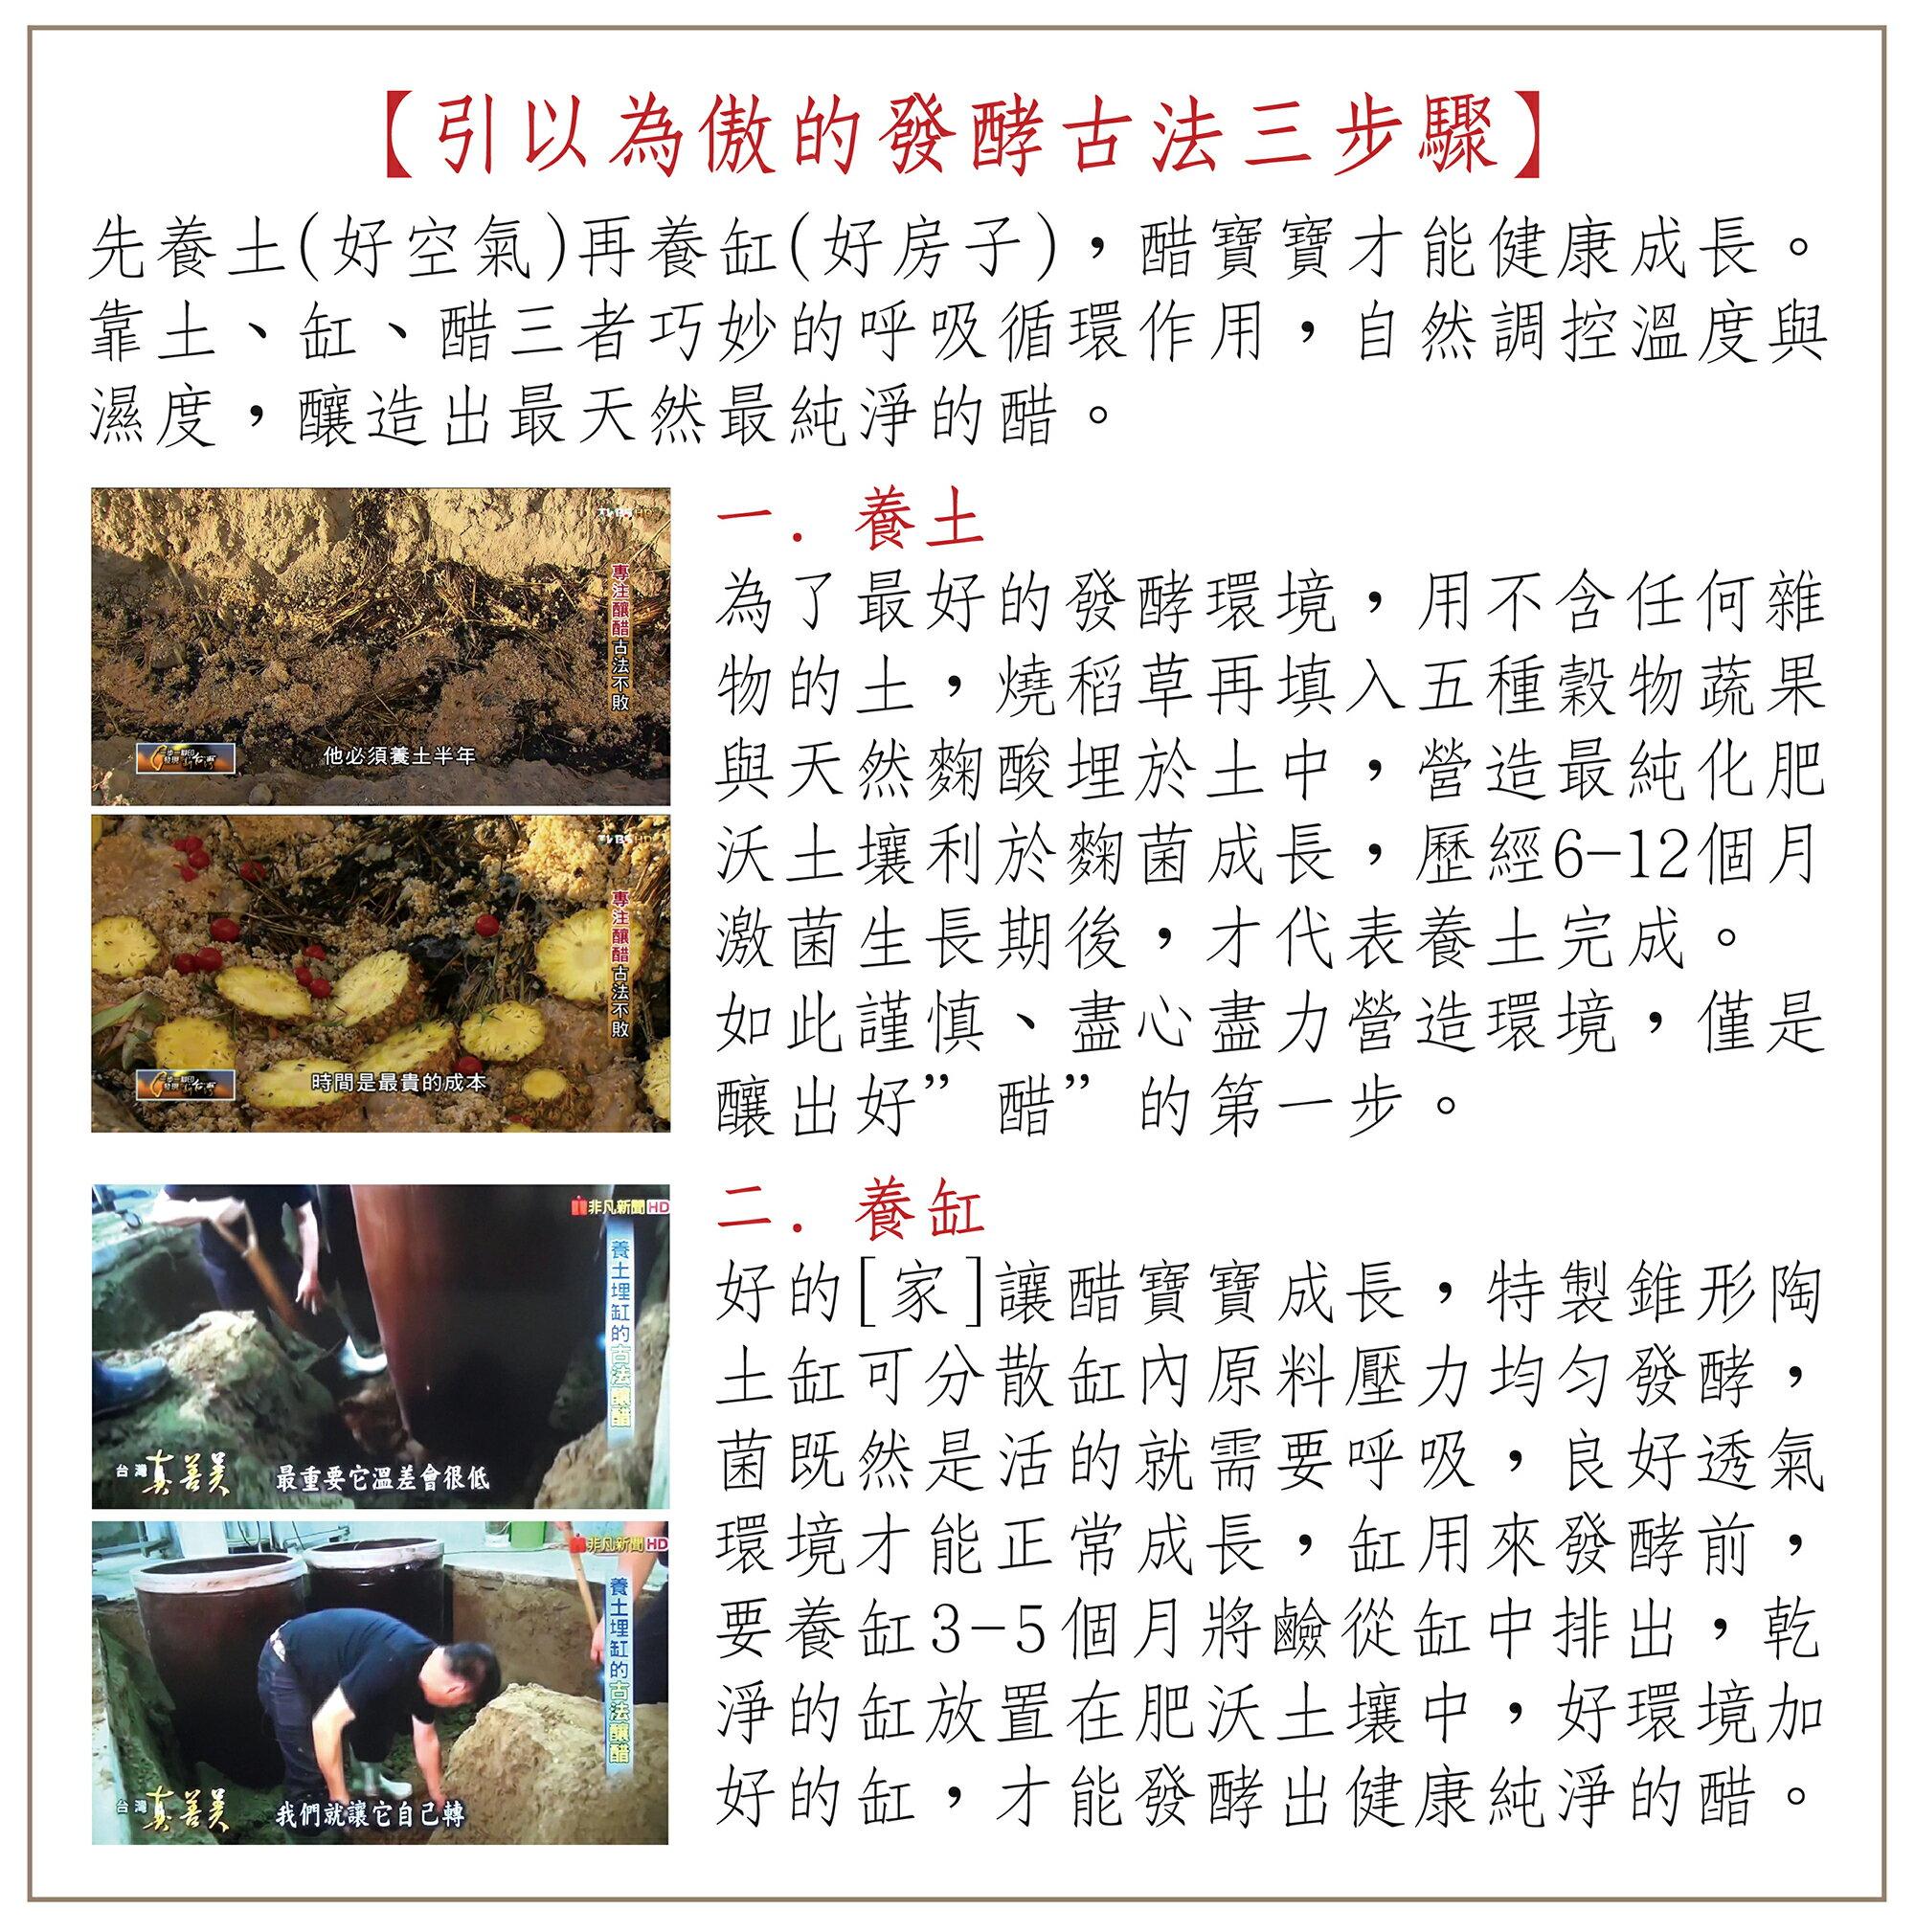 【釀美舖】康普 烏龍茶醋 (純茶甕釀) 4